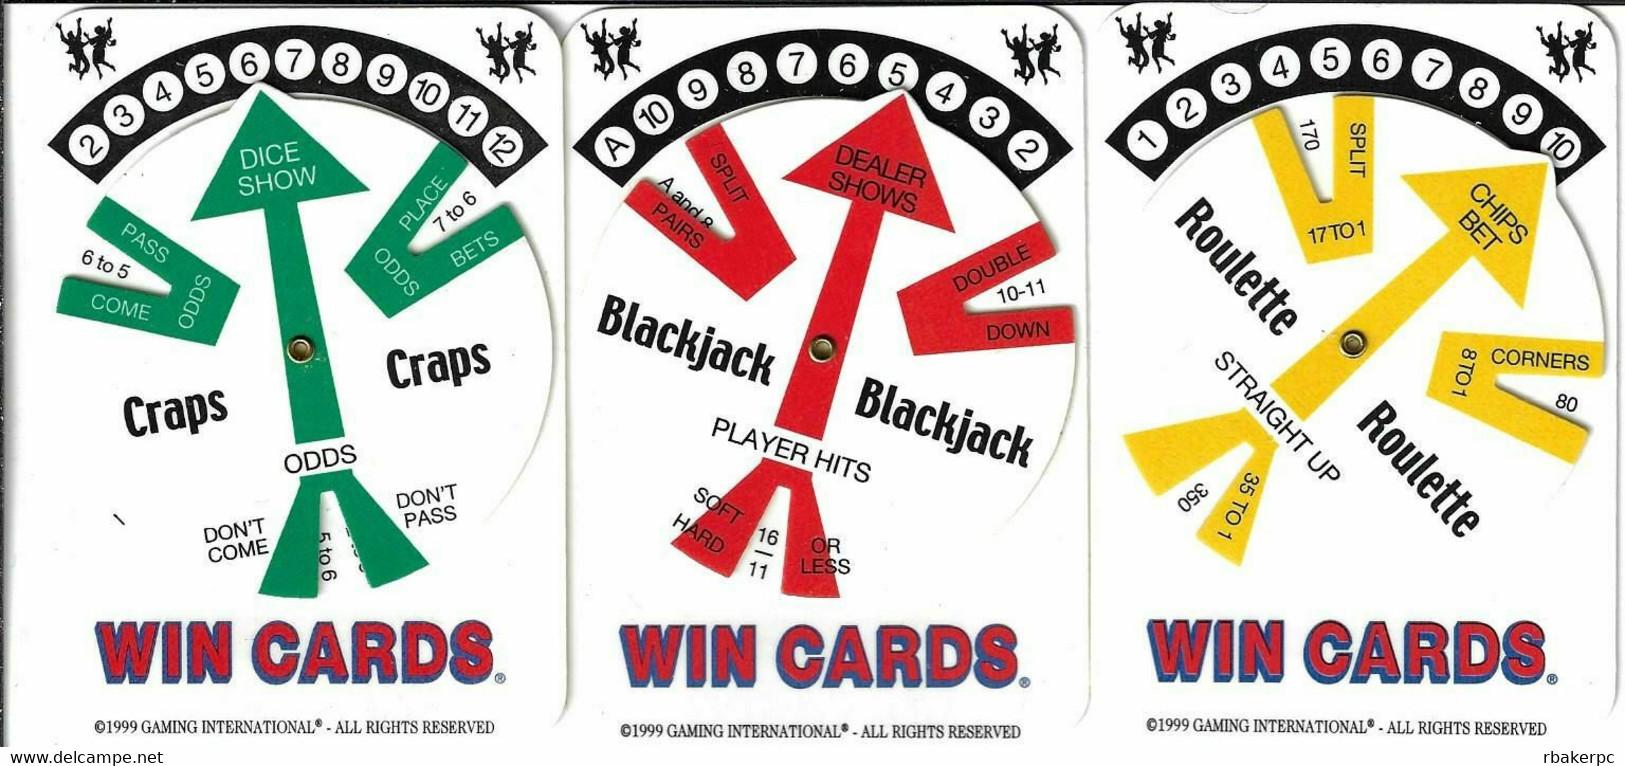 Set Of 3 Generic Casino WinCards (c) 1999 - Craps, Blackjack And Roulette - Casino Cards